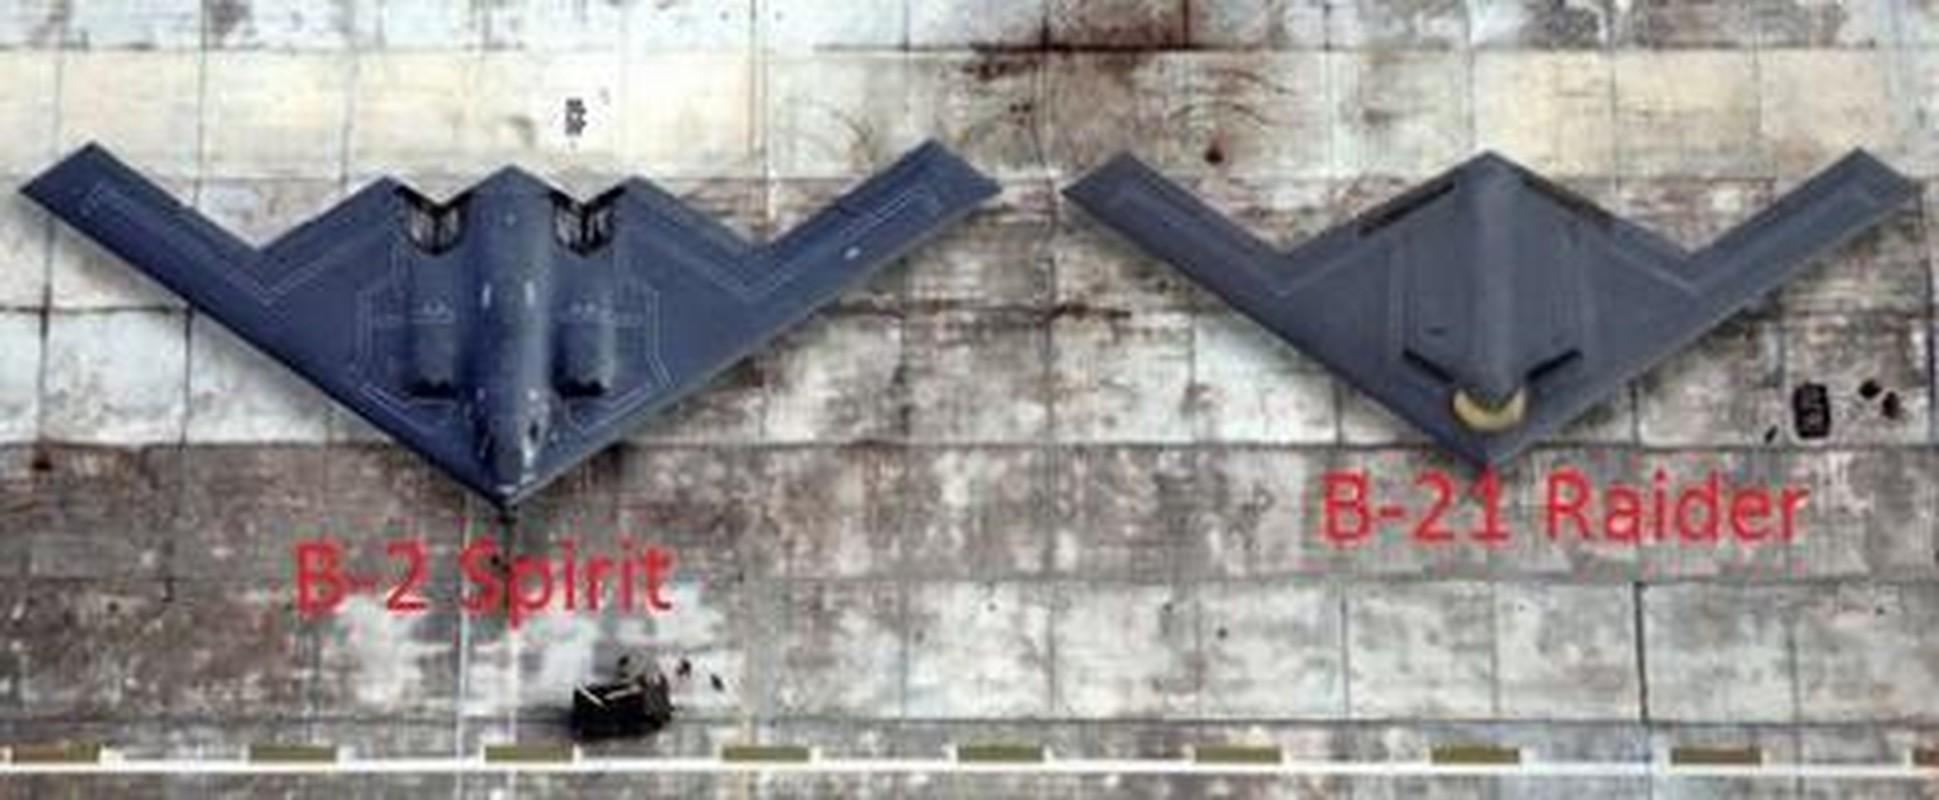 May bay nem bom B-21 co xuyen thung duoc he thong phong thu S-400?-Hinh-12